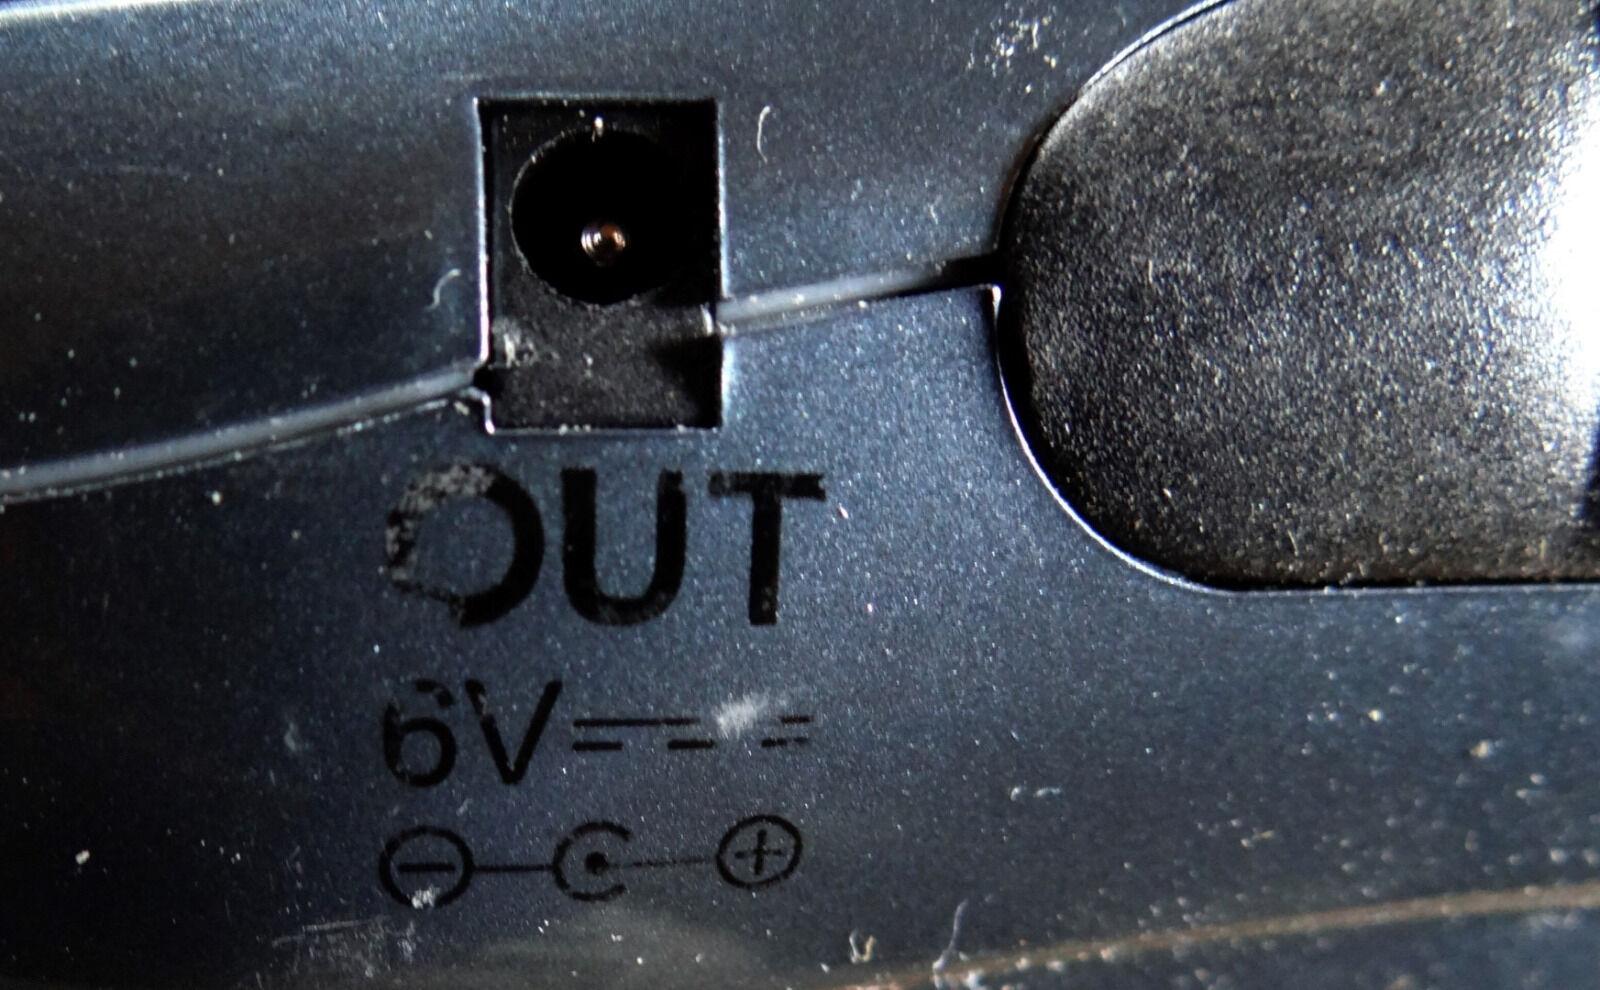 Olympia Dynamo DEL-Lampe de poche poche poche mod. DL 1500 db9d82